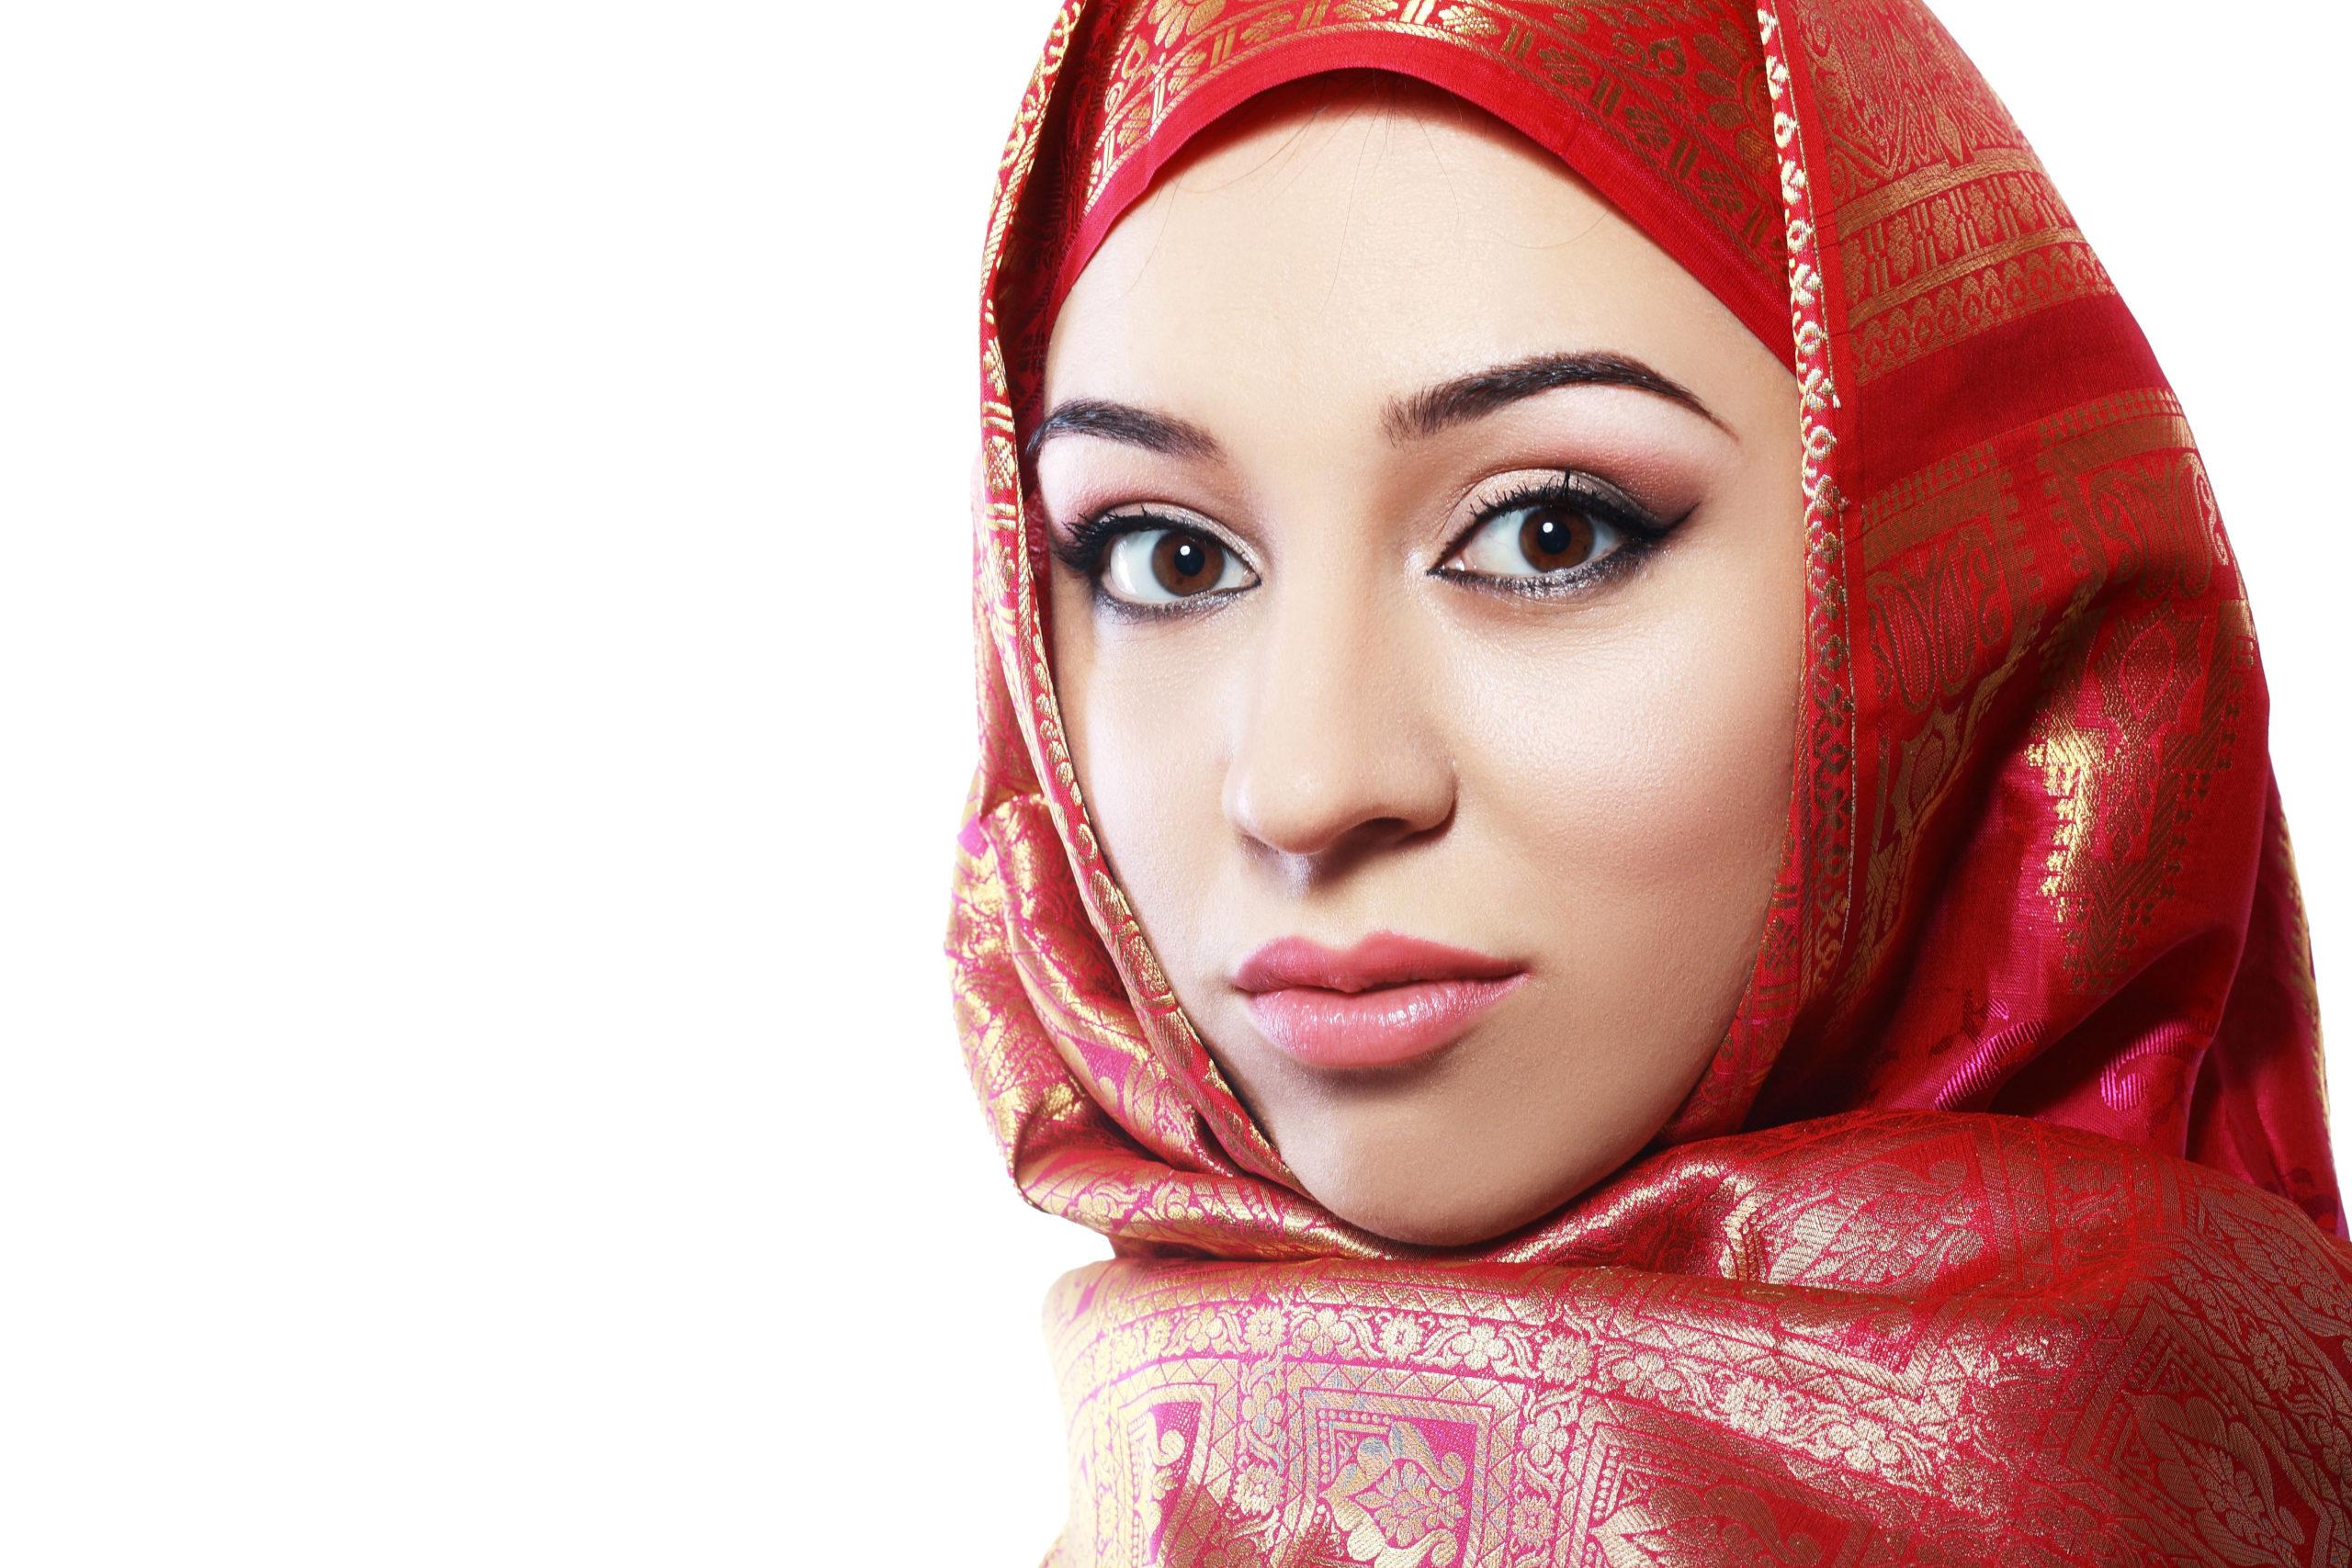 Il convient de faire la part des choses entre la dimension religieuse des croyants et l'ordre social islamique, qui cherche à s'imposer en Occident. Crédit:Olena Zaskochenko/ 123Rf